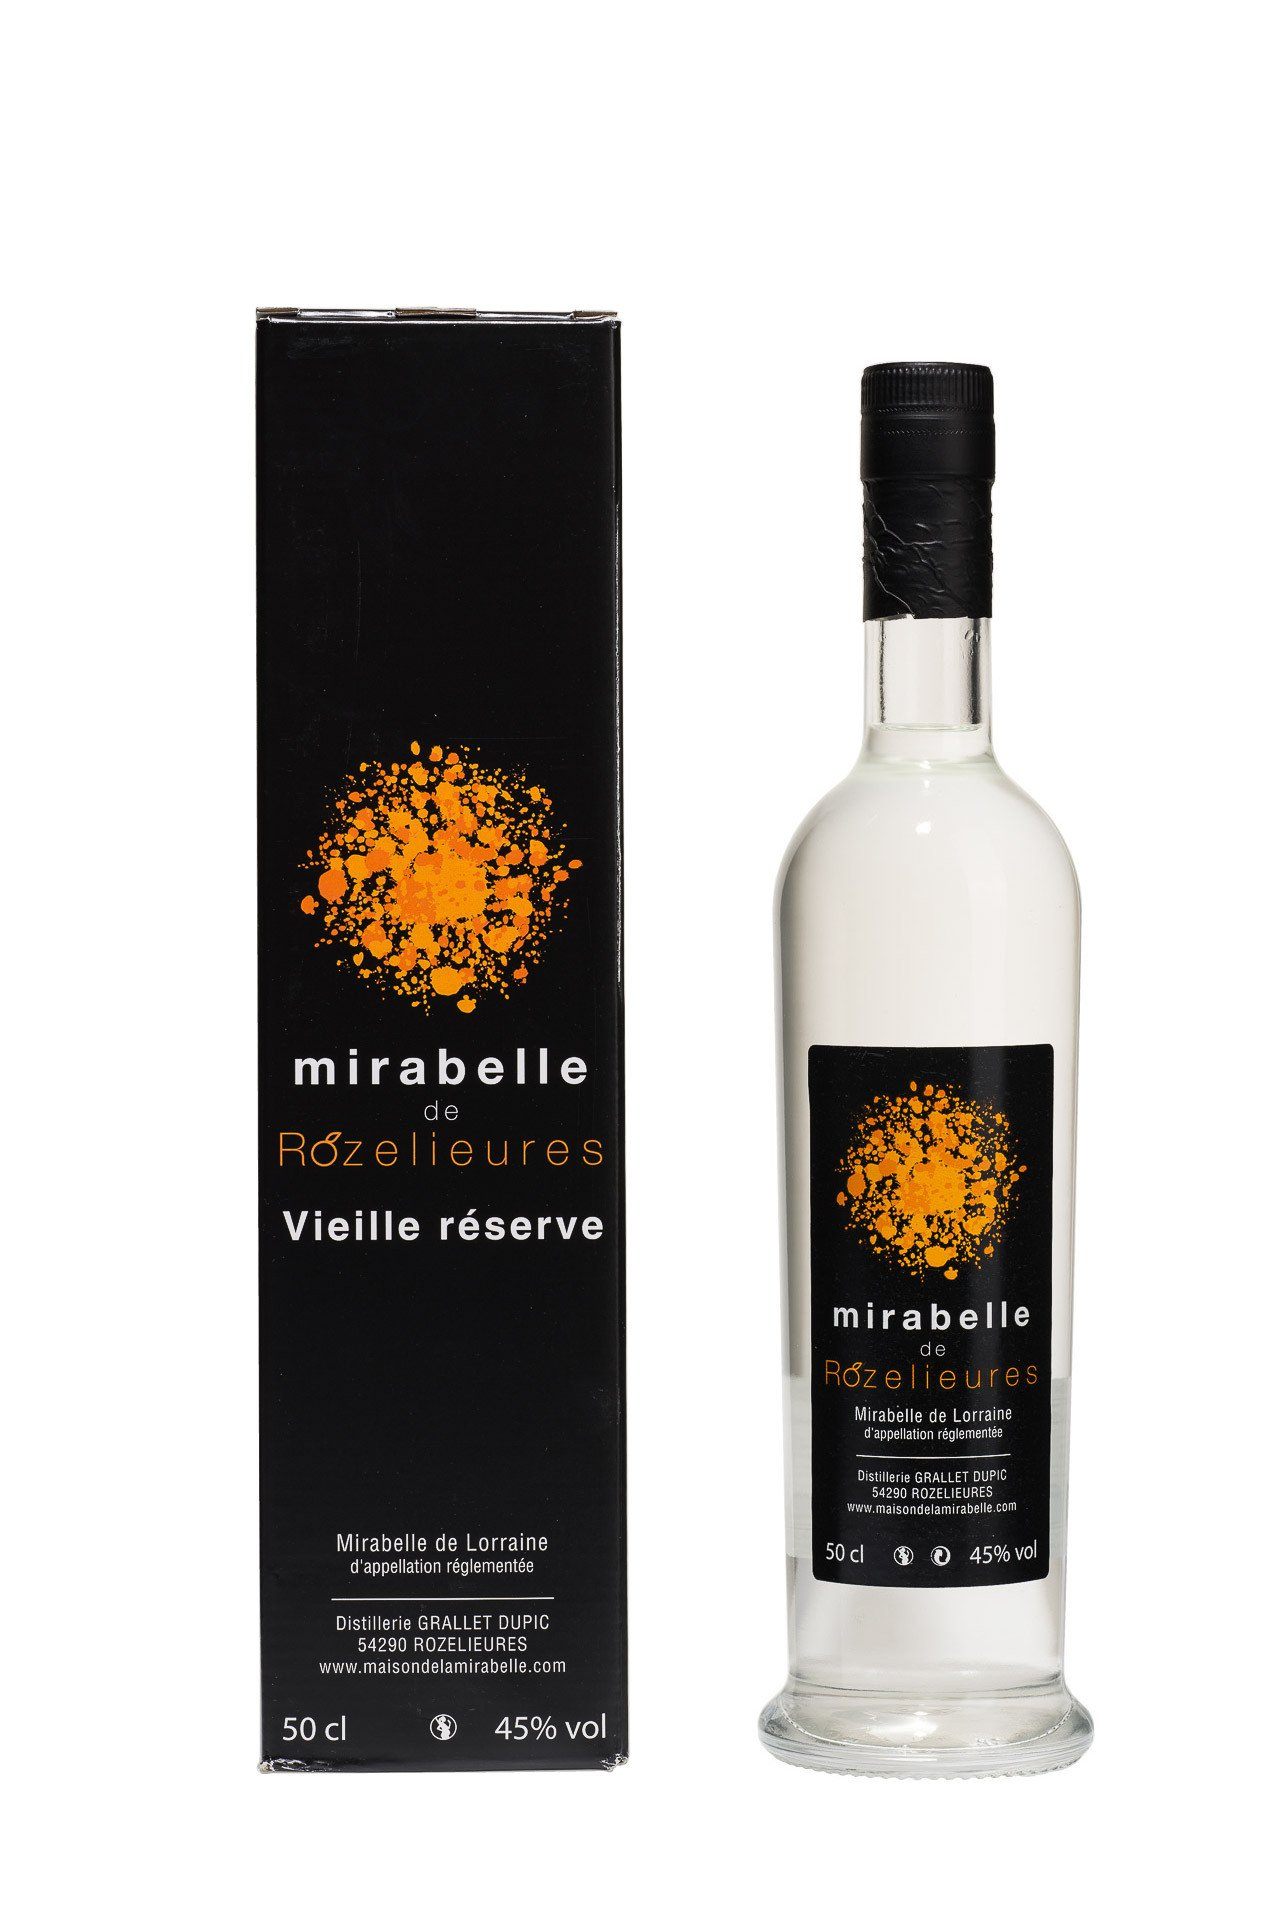 Eau de Vie de Mirabelle Vieille Réserve, 50 cl 45°